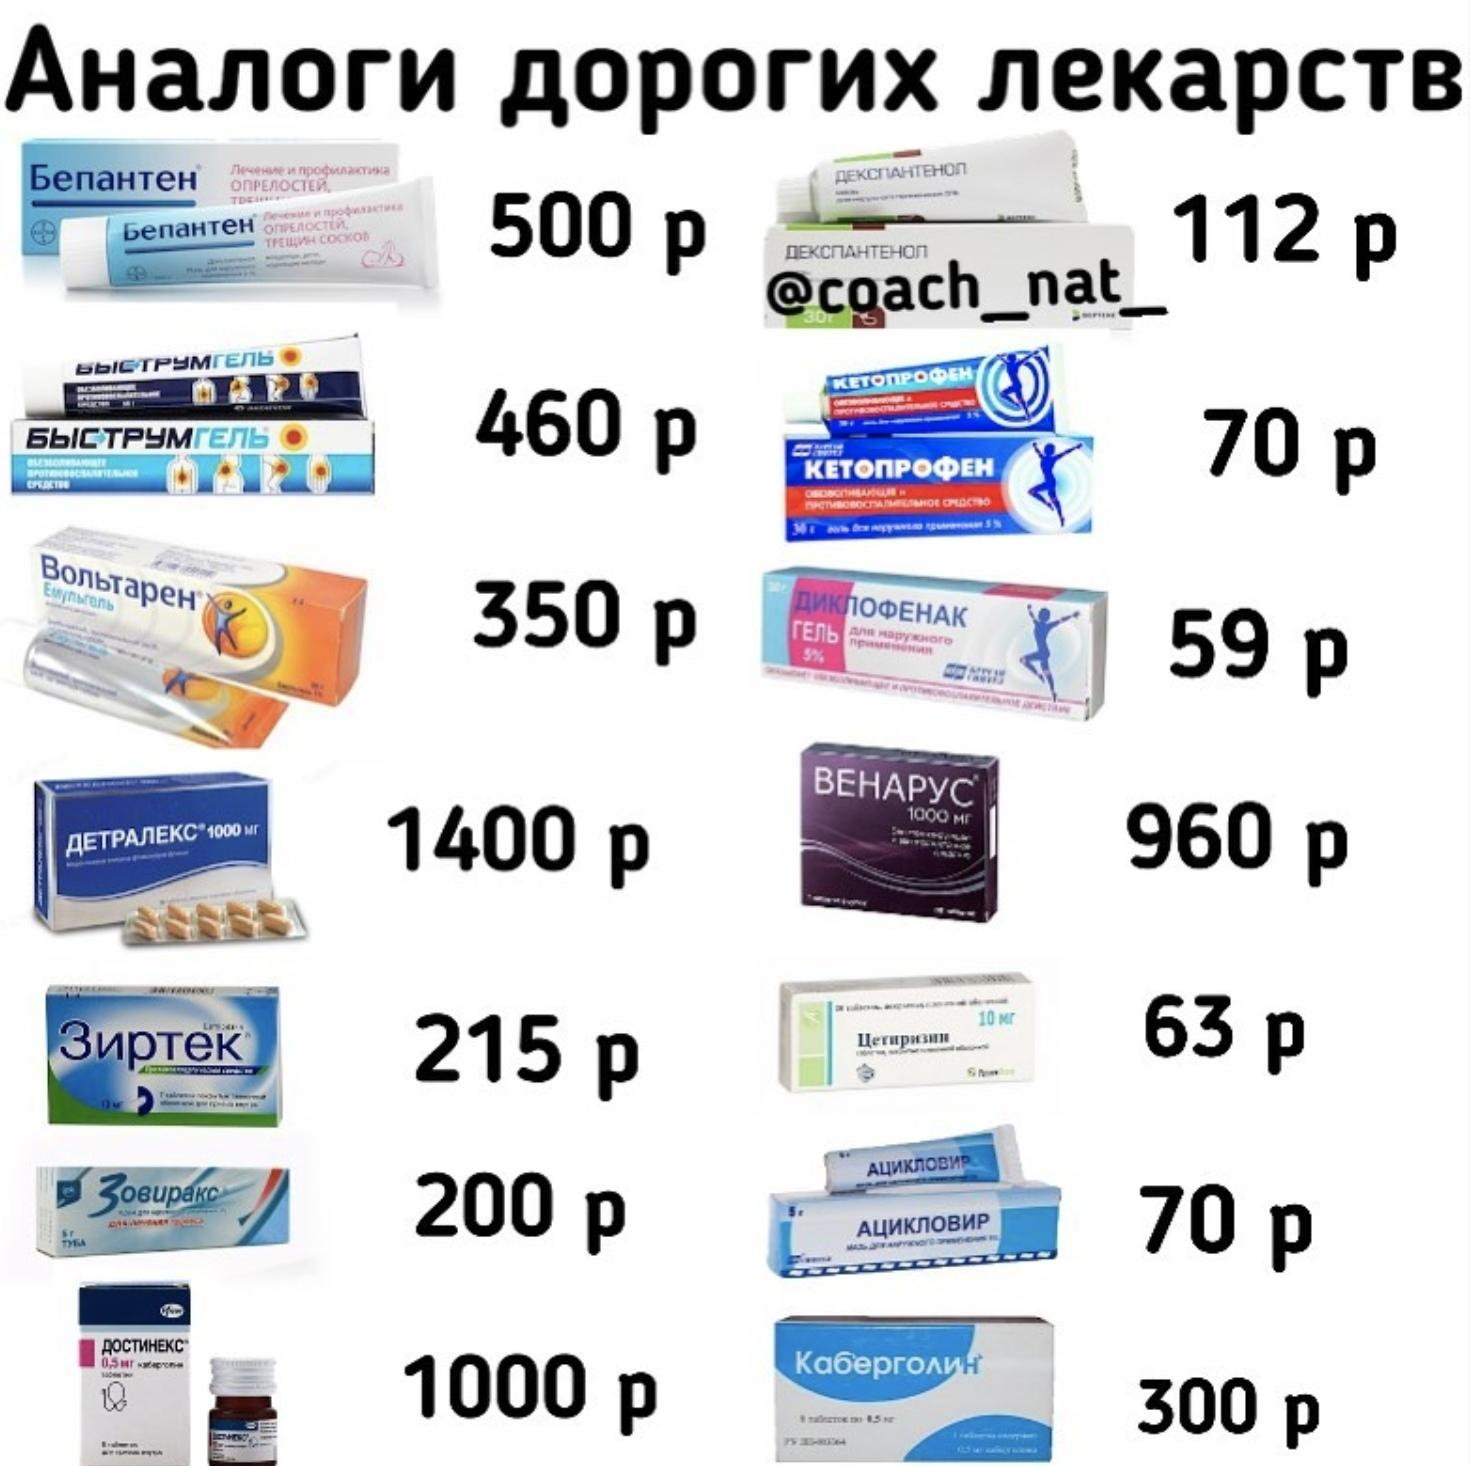 том, заменители лекарств дорогих на дешевые в картинках мелани, еврей